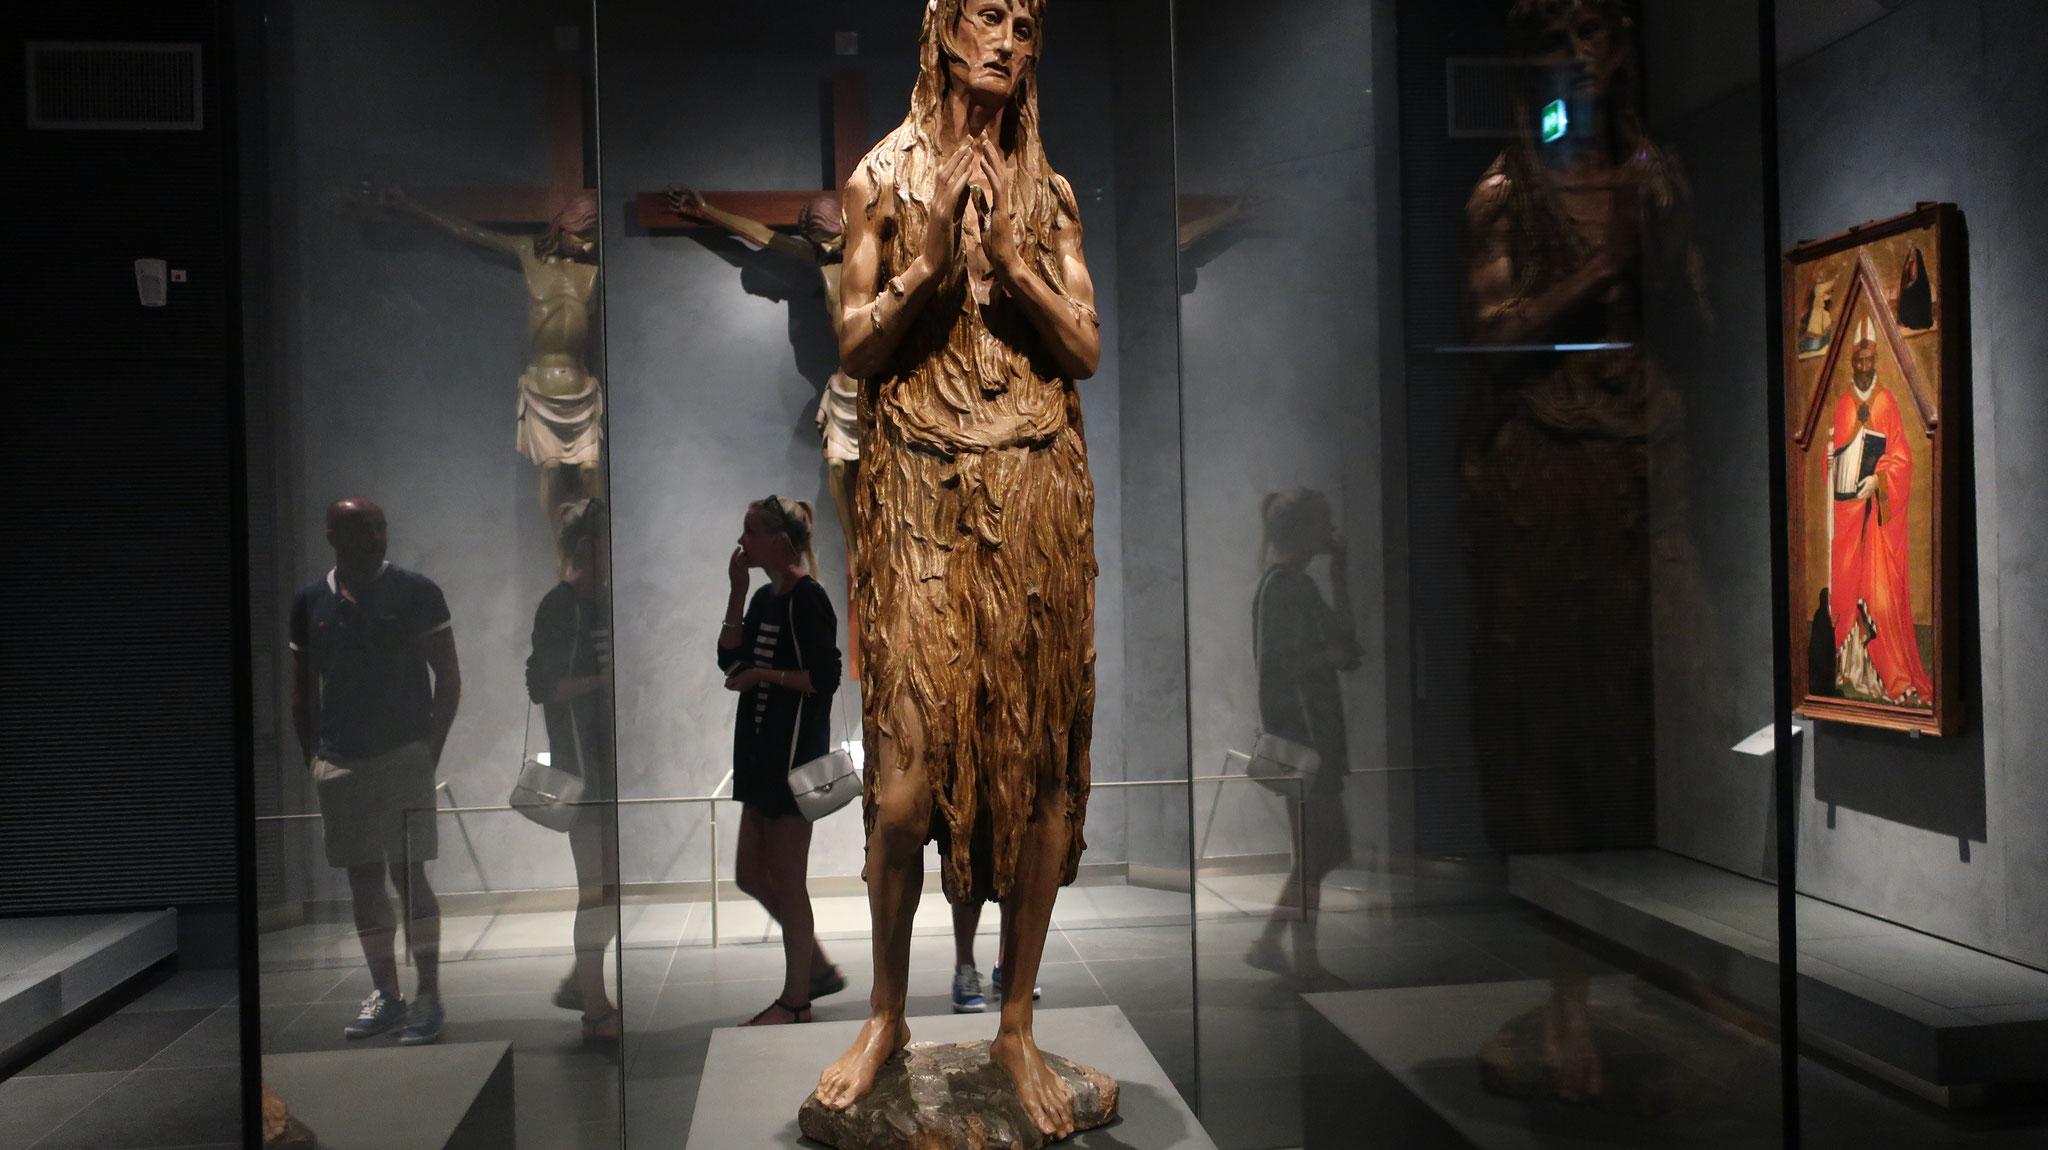 マグダラのマリア。ドナテッロ作。イエスの母「マリア」とは別人。